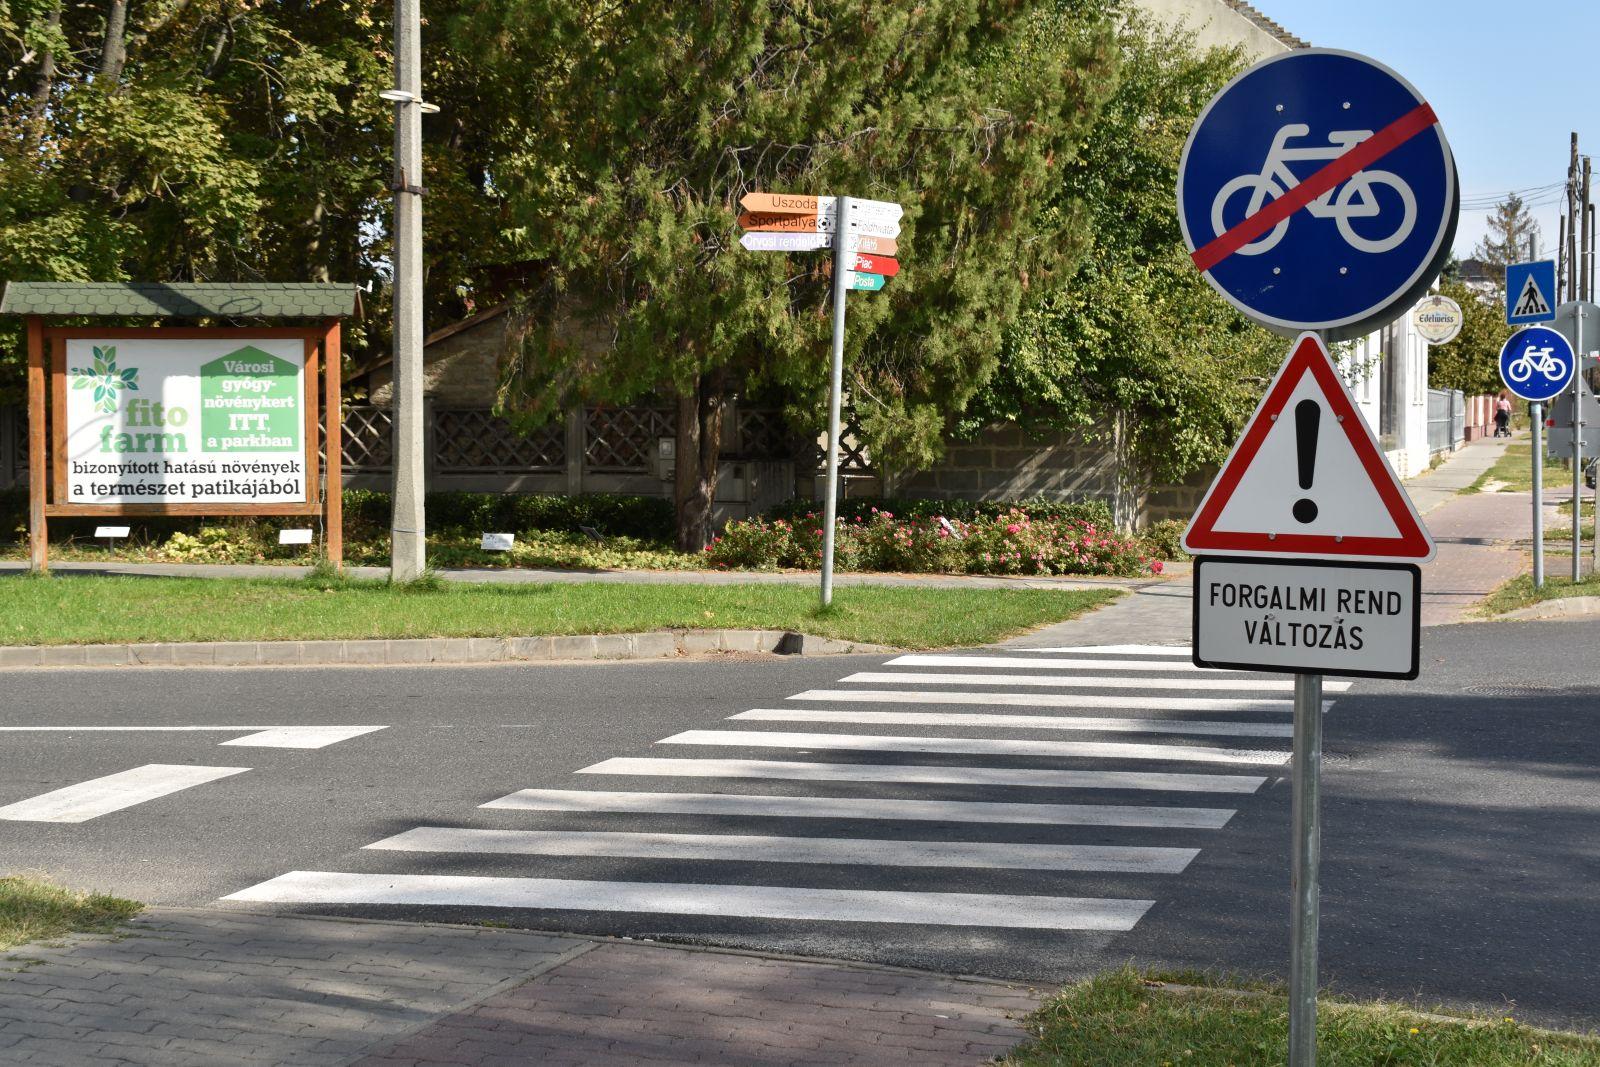 Forgalmi rend változás a kerékpárút egy veszélyes szakaszán